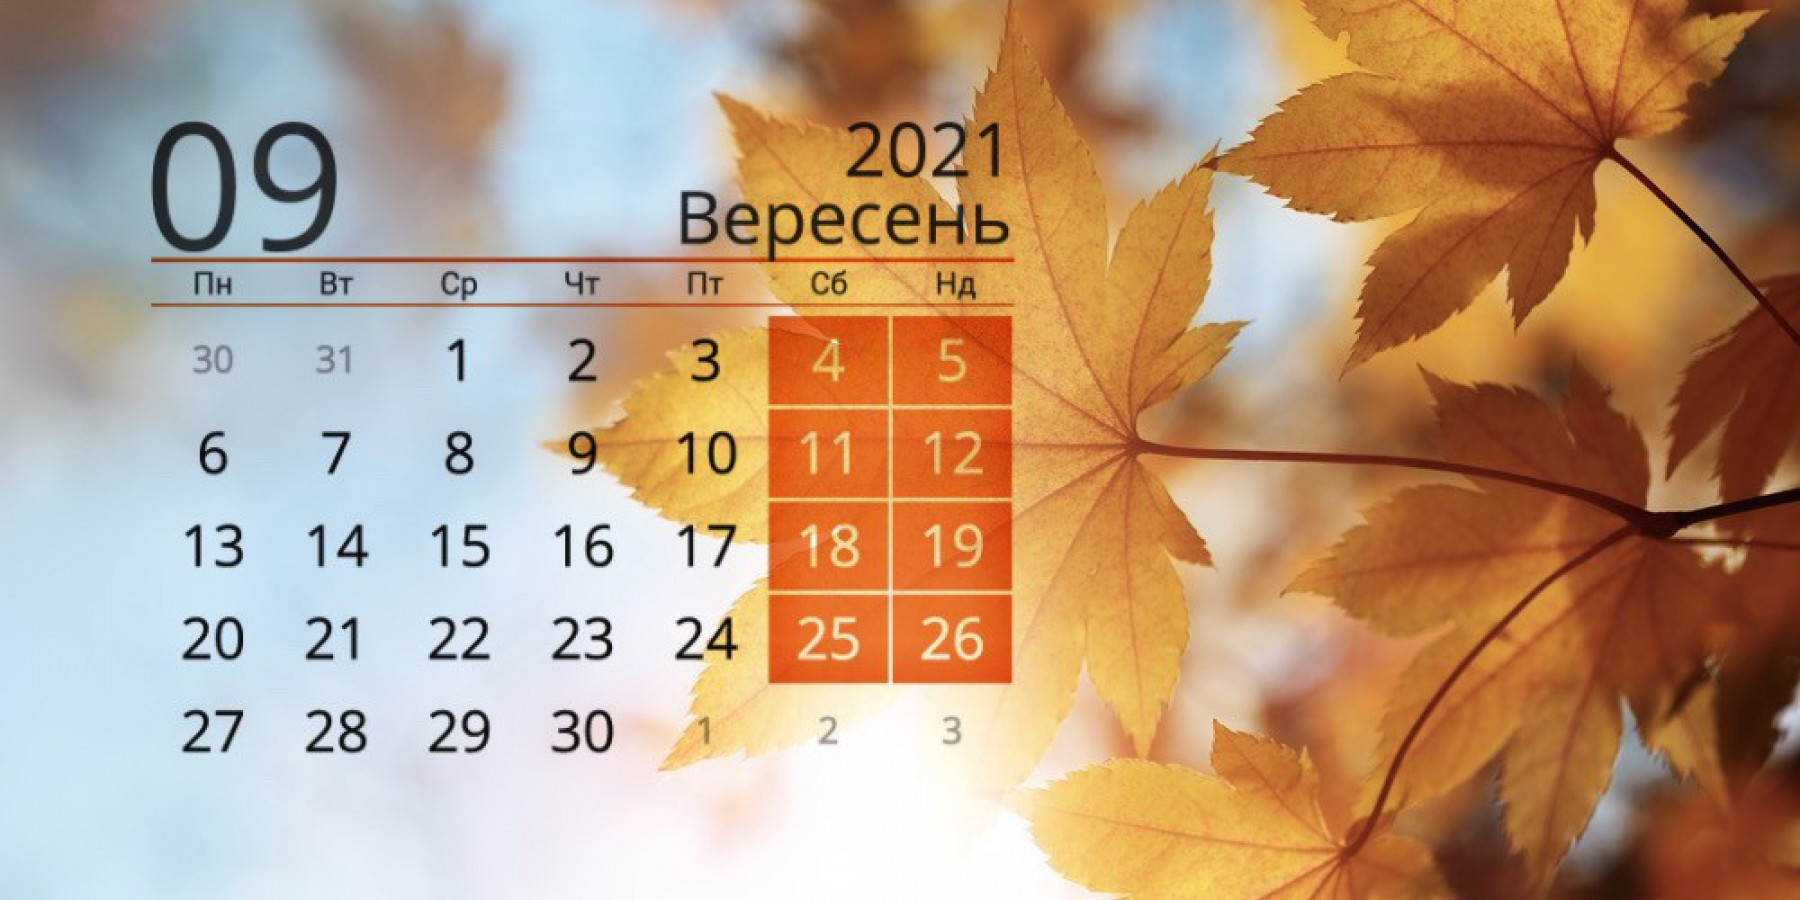 Свята і вихідні у вересні 2021: скільки будемо відпочивати і що відзначати